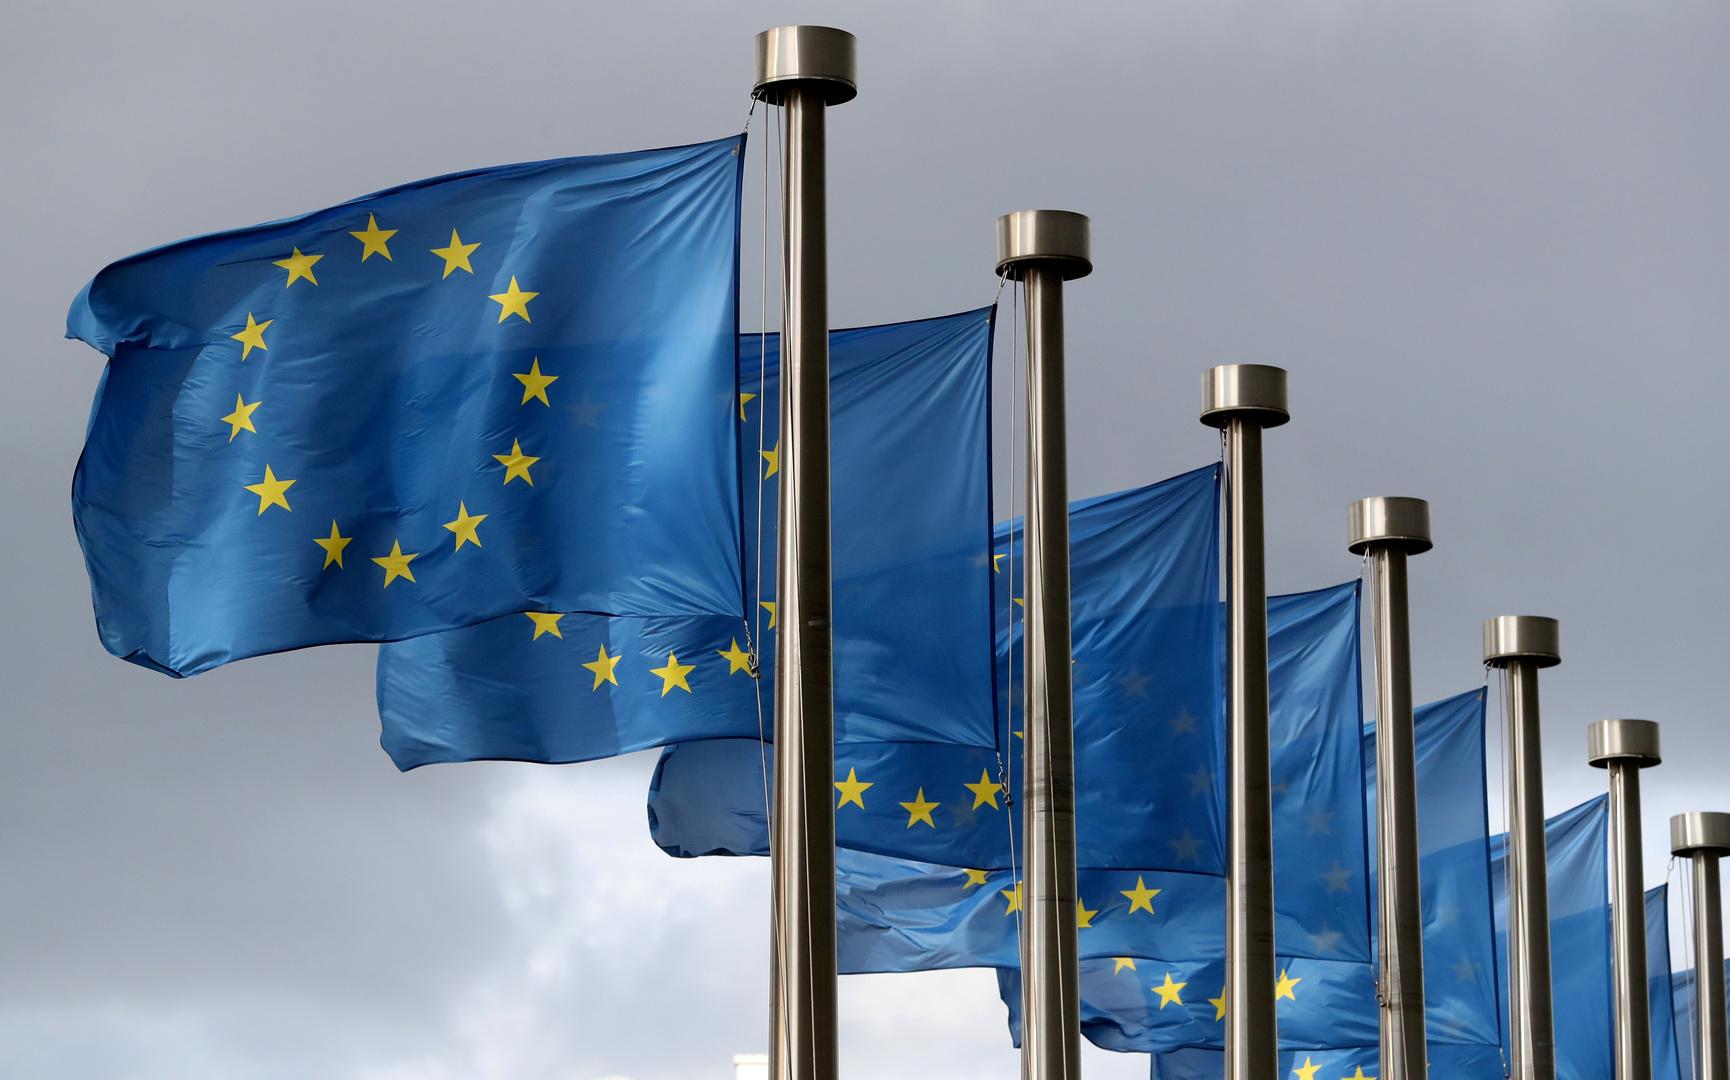 الاتحاد الأوروبي يفرض عقوبات على 10 أفراد وكيانين في ميانمار